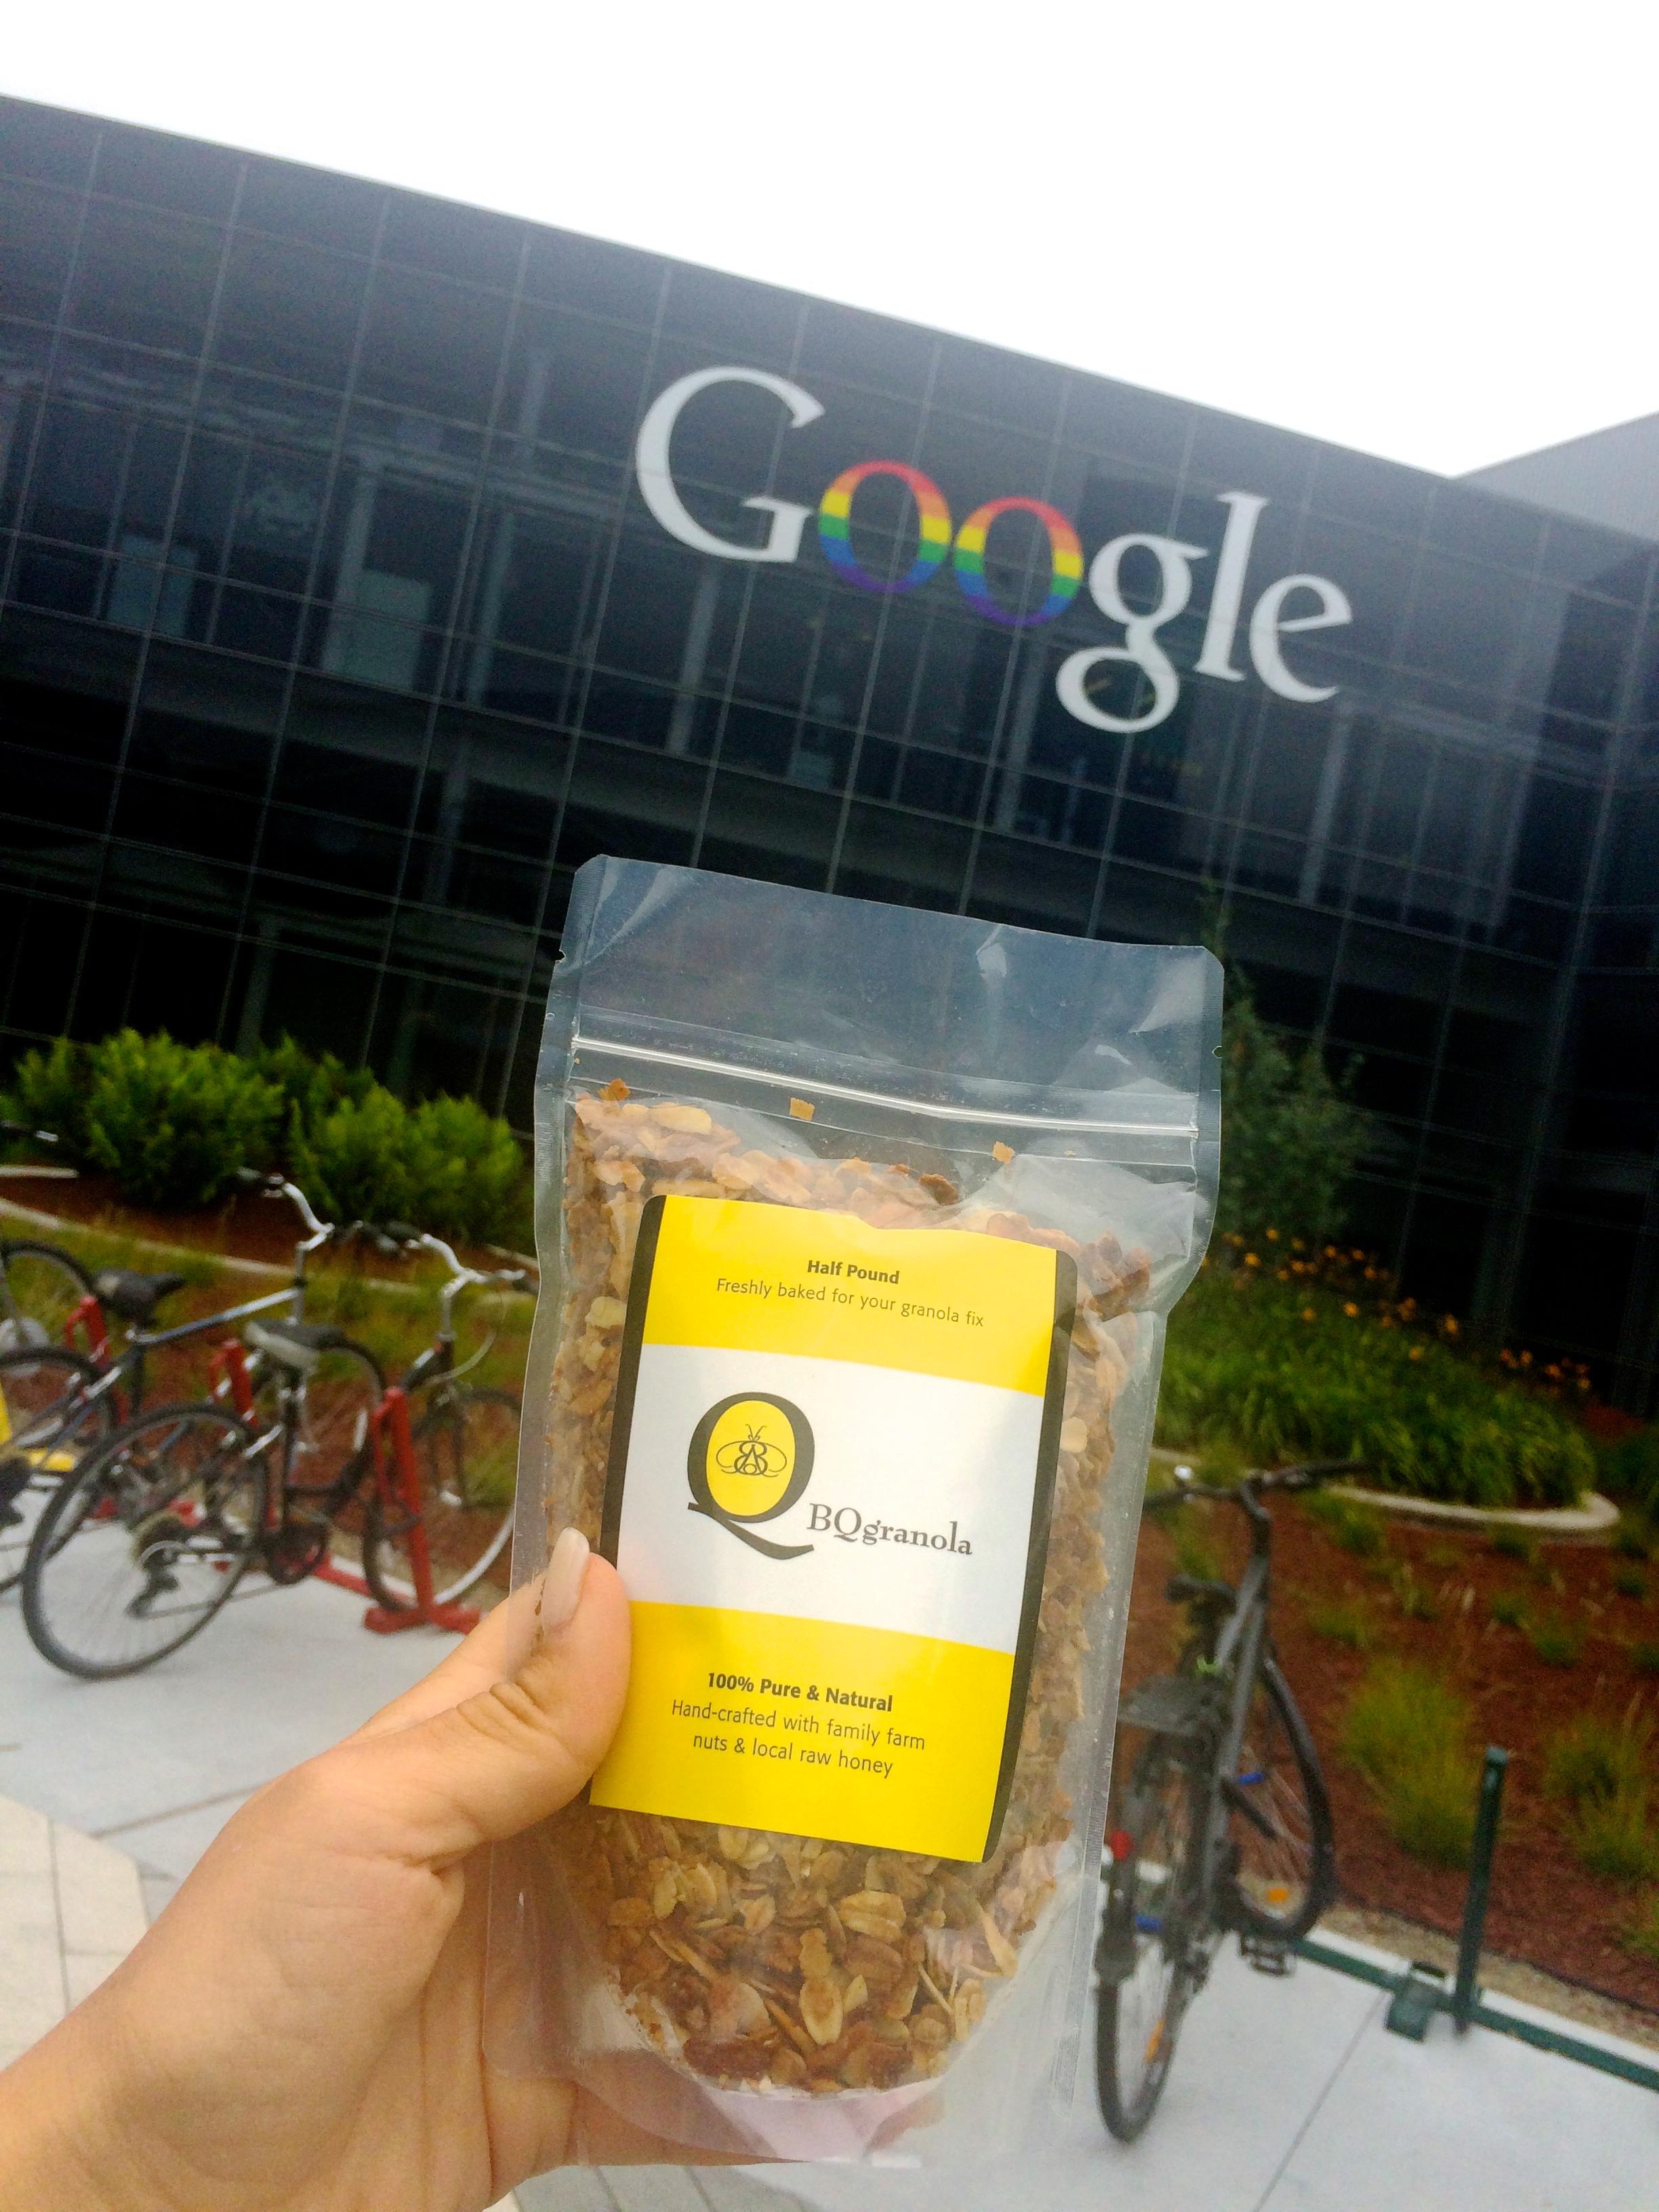 BQgranola made its way to Google